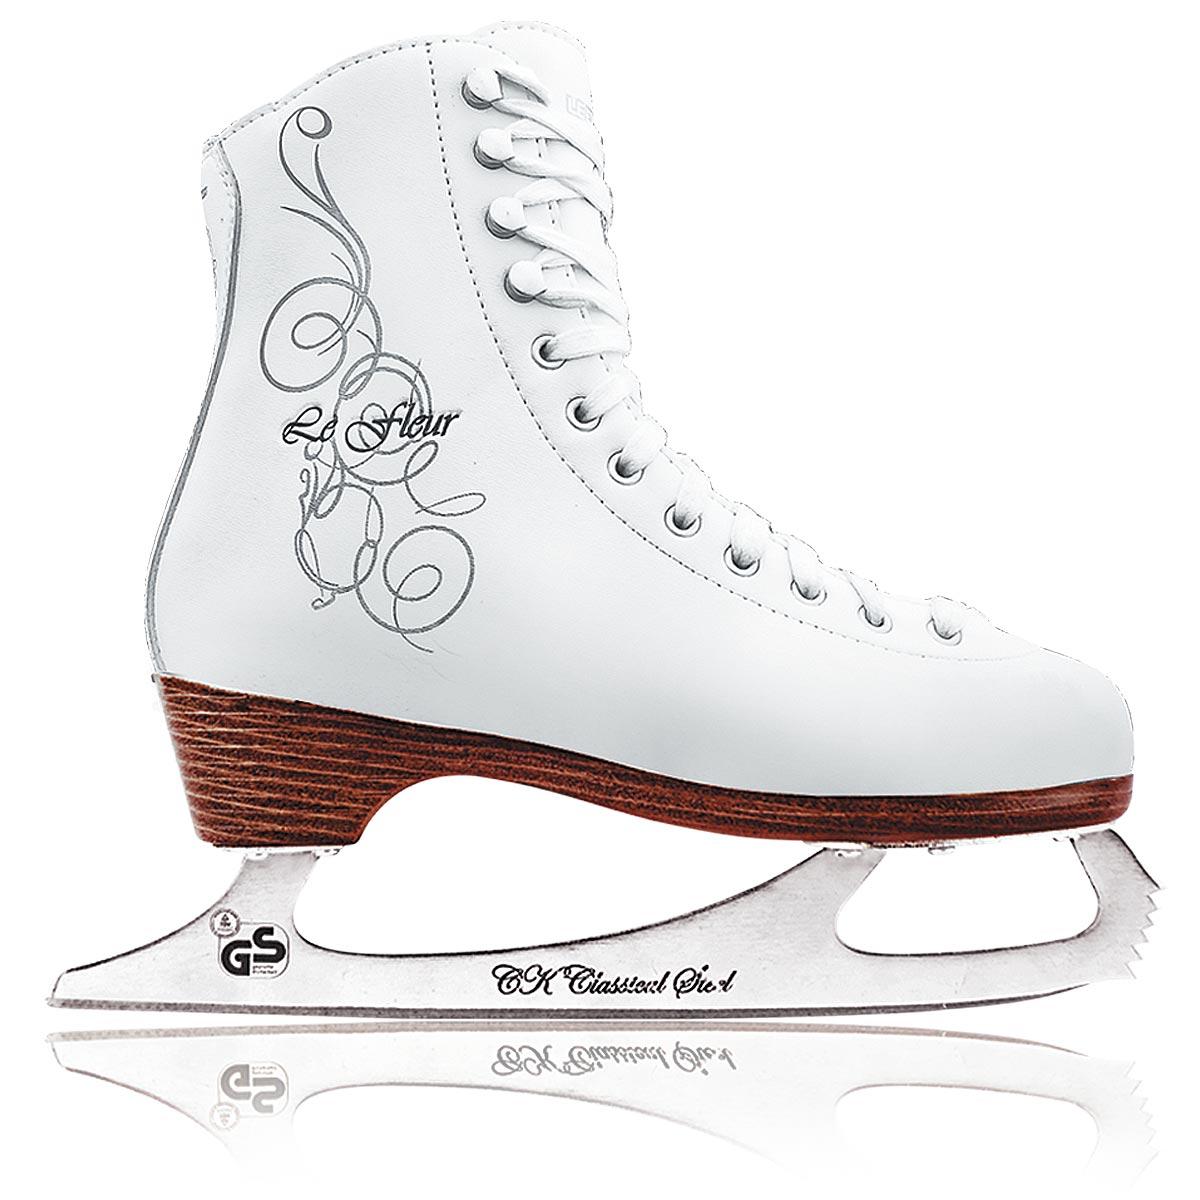 Коньки фигурные женские СК Le Fleur Leather 100%, цвет: белый, серебряный. Размер 41LE FLEUR leather 100_белый, серебряный_41